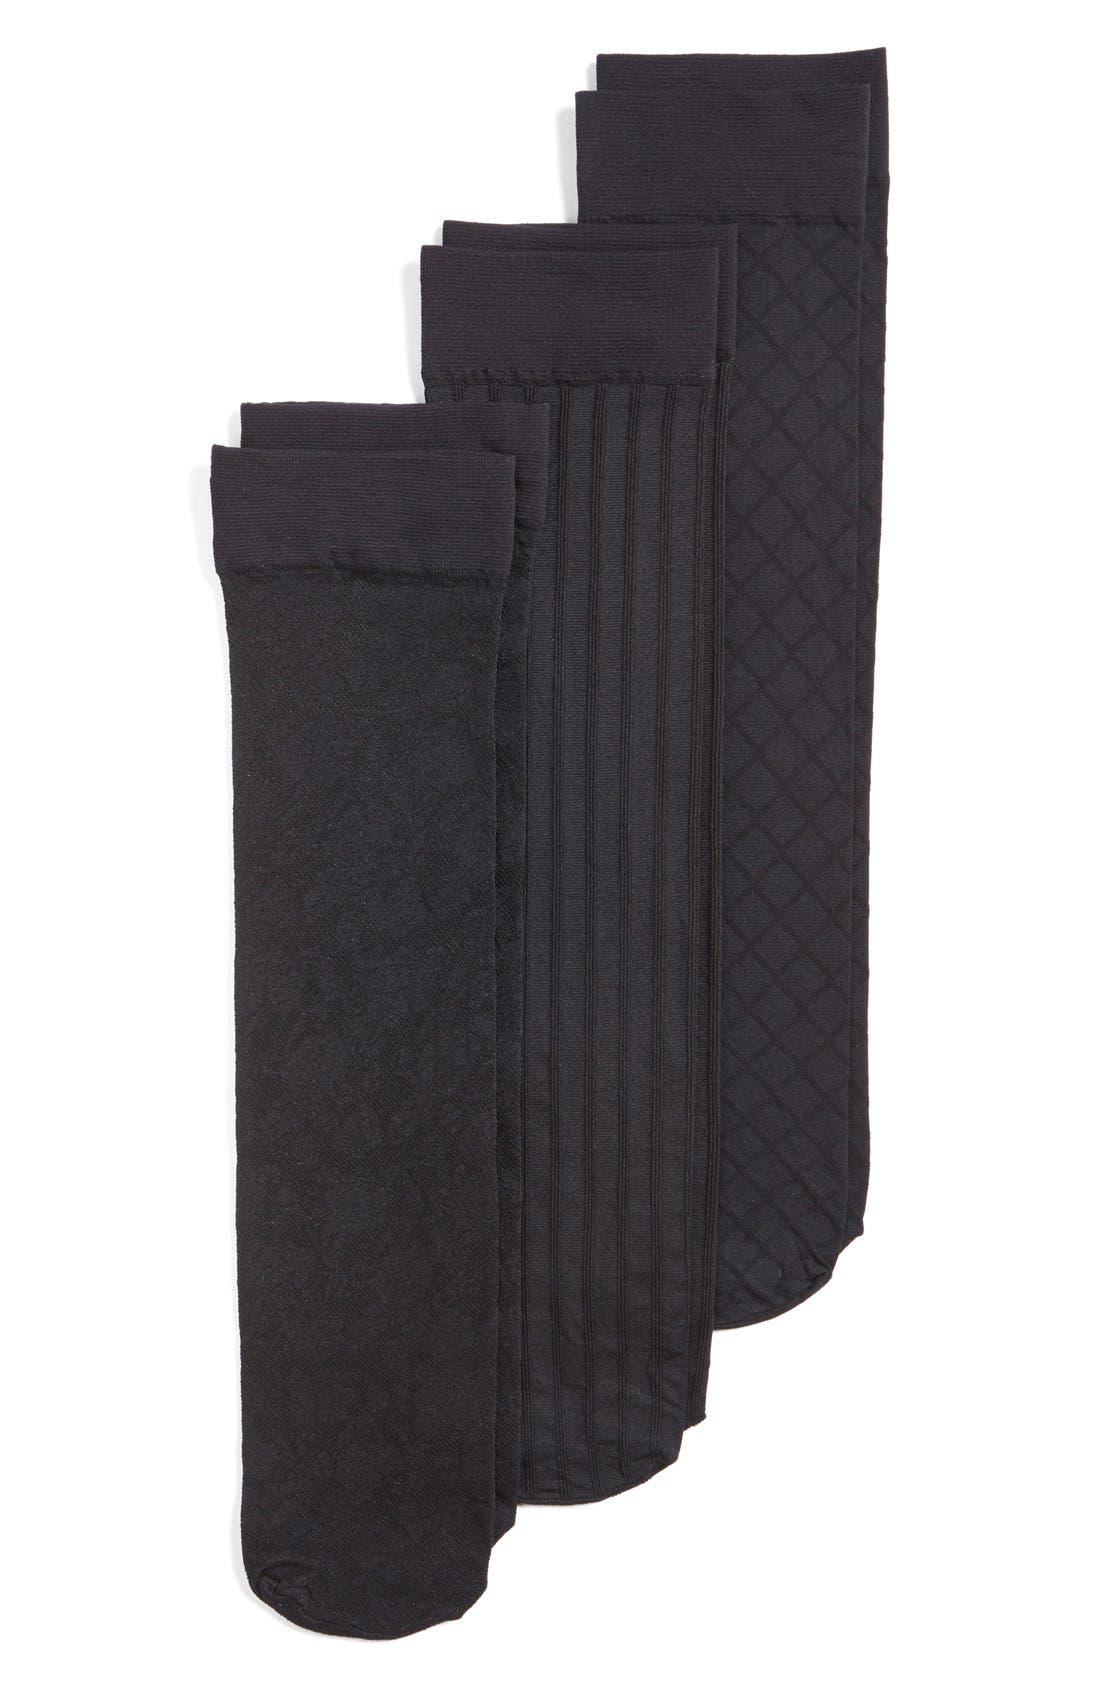 Pattern Trouser Socks,                             Main thumbnail 3, color,